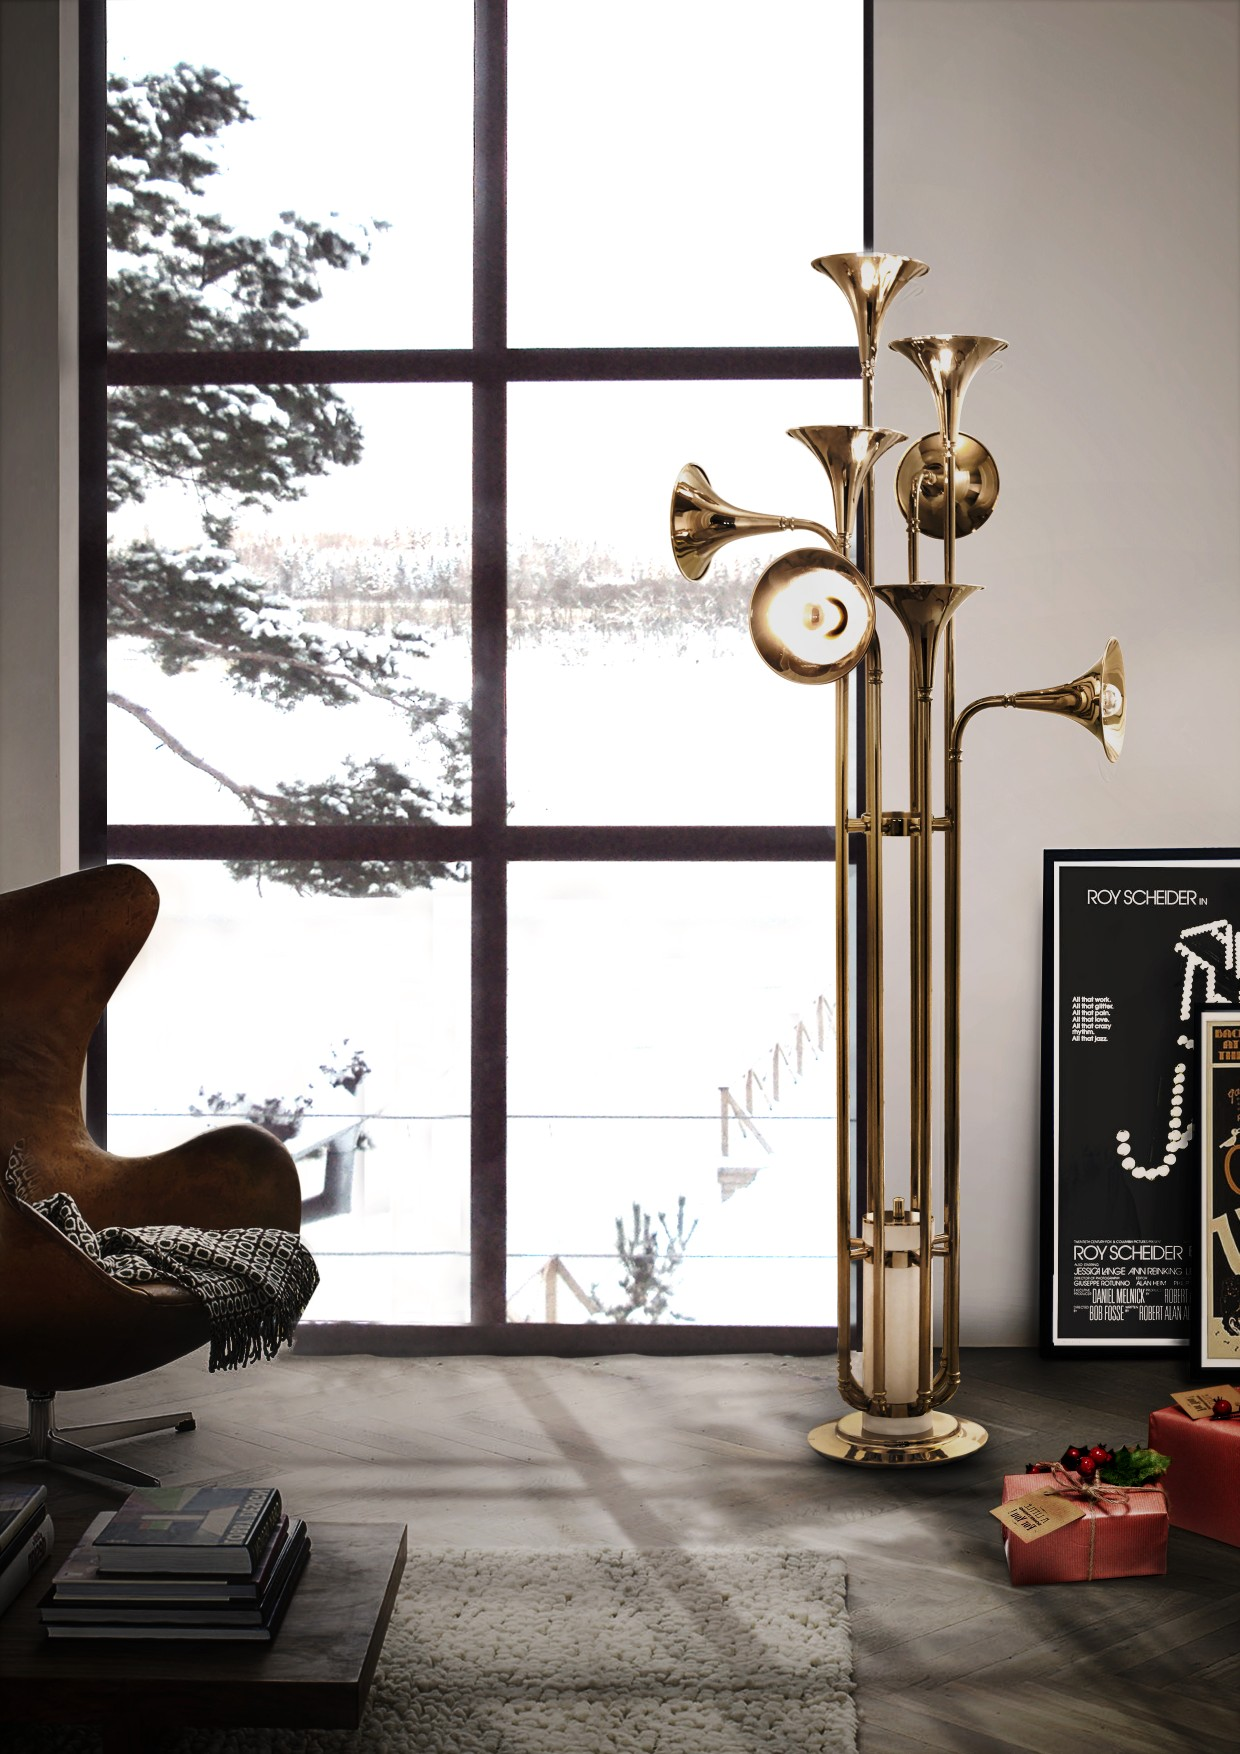 Рождественский декор 2019 Рождественский декор 2019 botti floor ambience 04 HR christmas